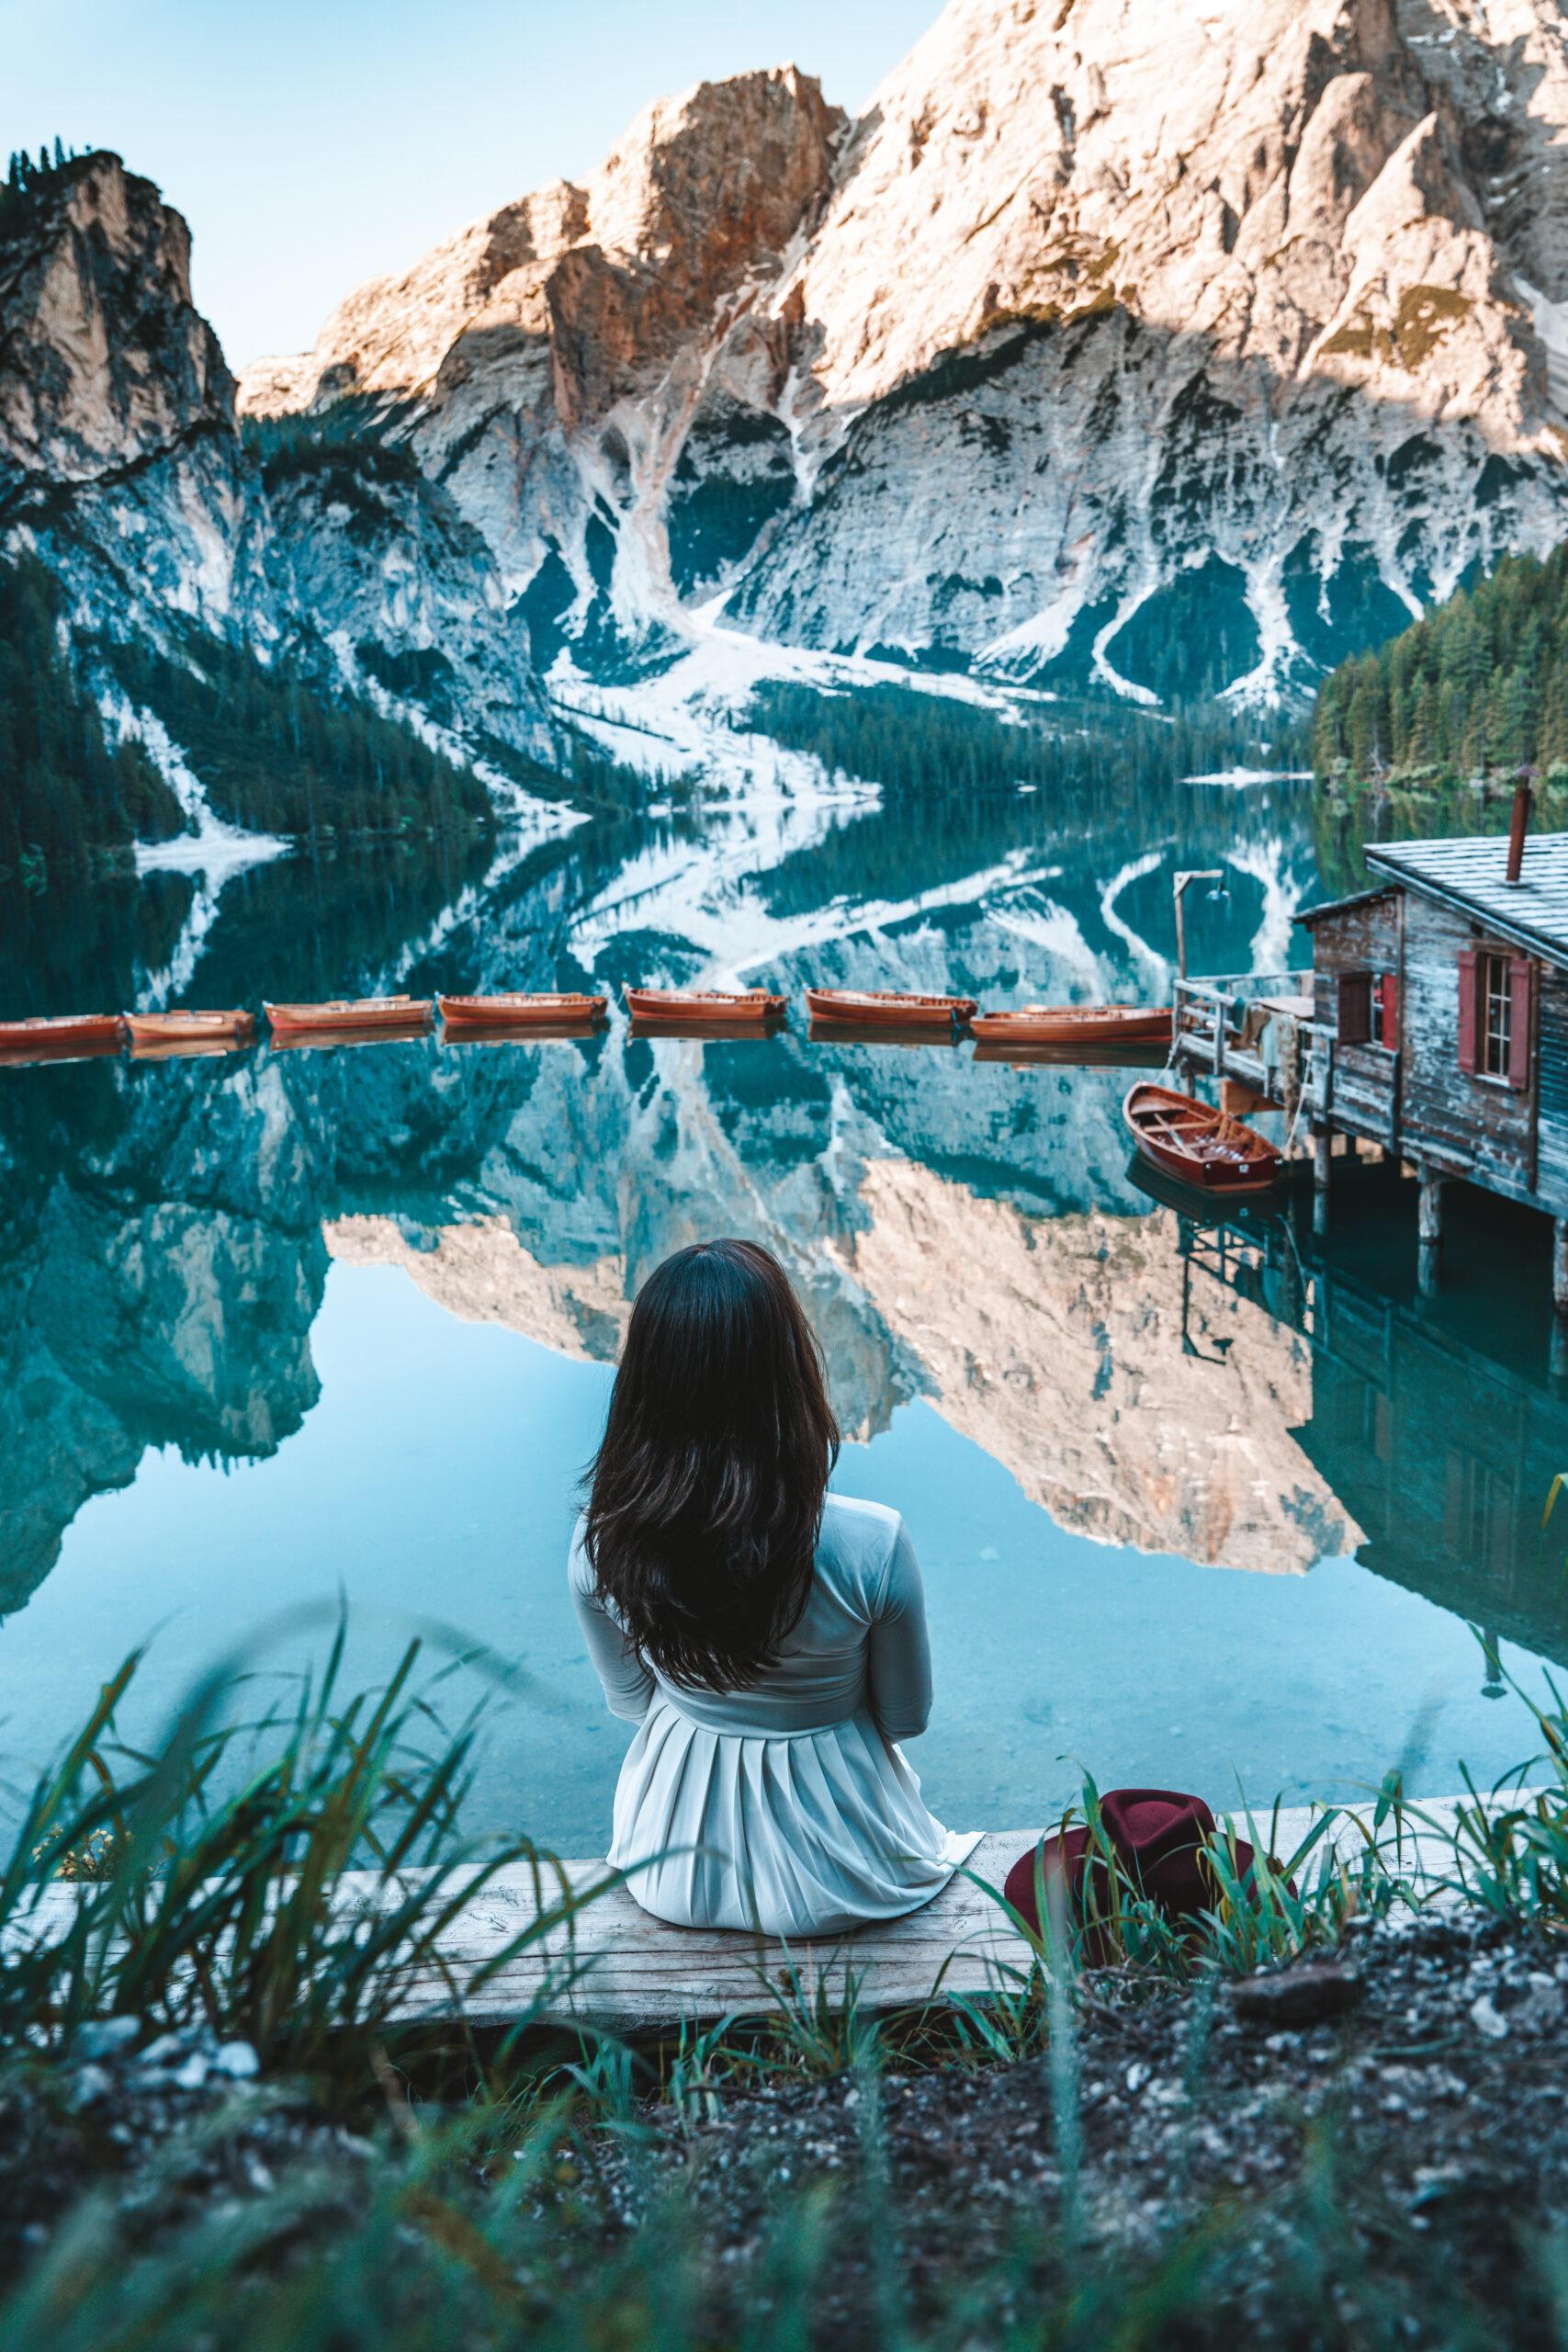 Best Photos at Lago di Braies